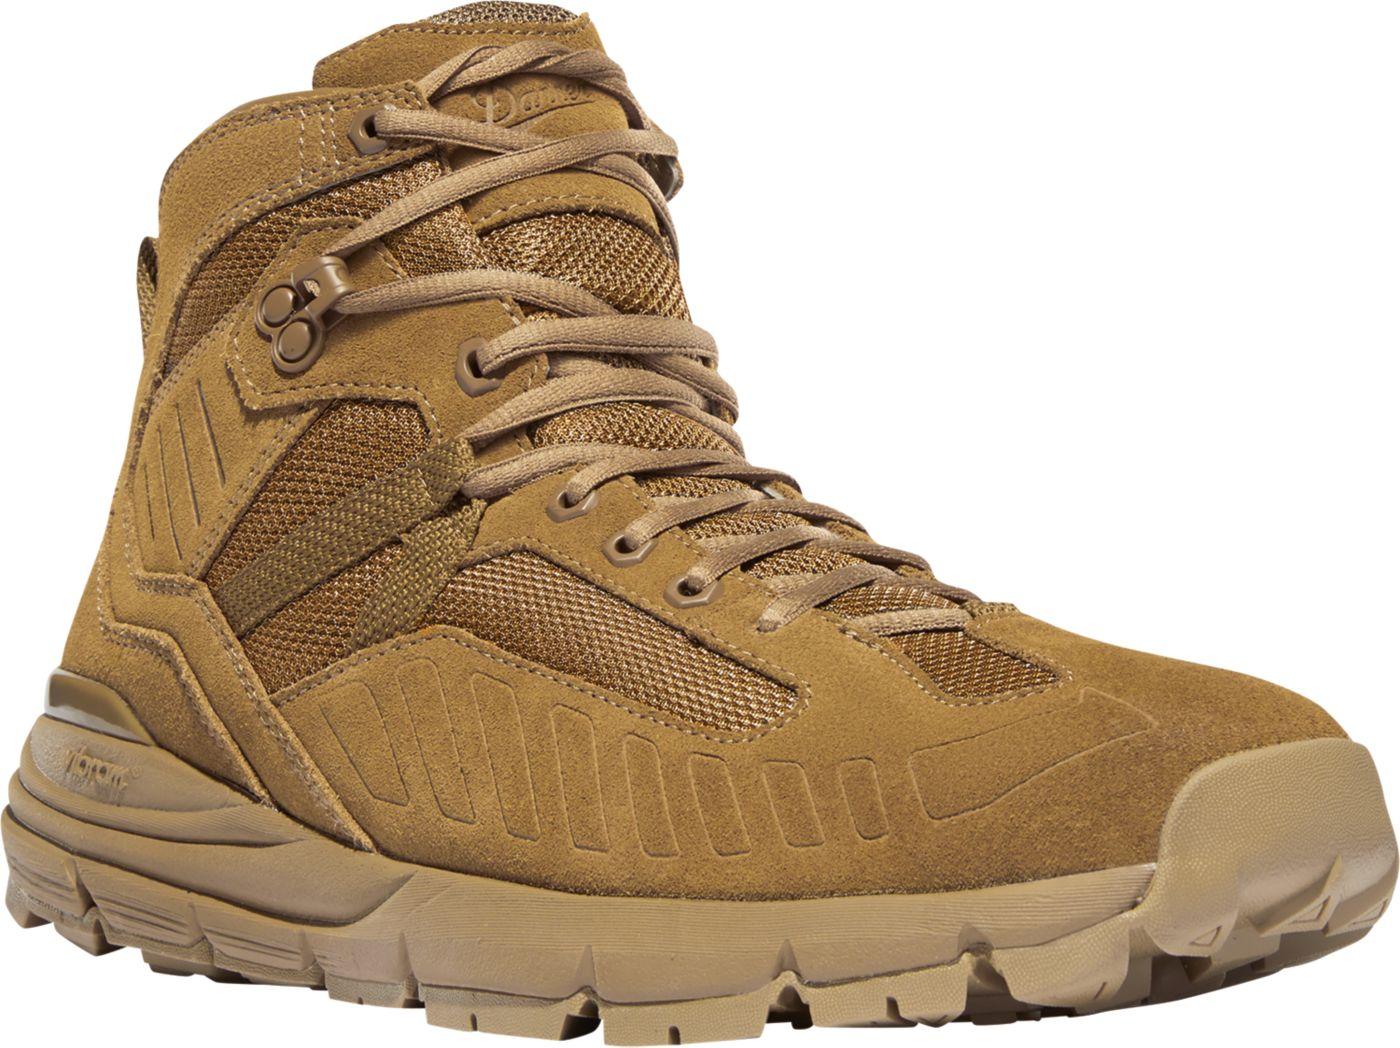 Danner Men's Fullbore 4.5'' Waterproof Tactical Boots